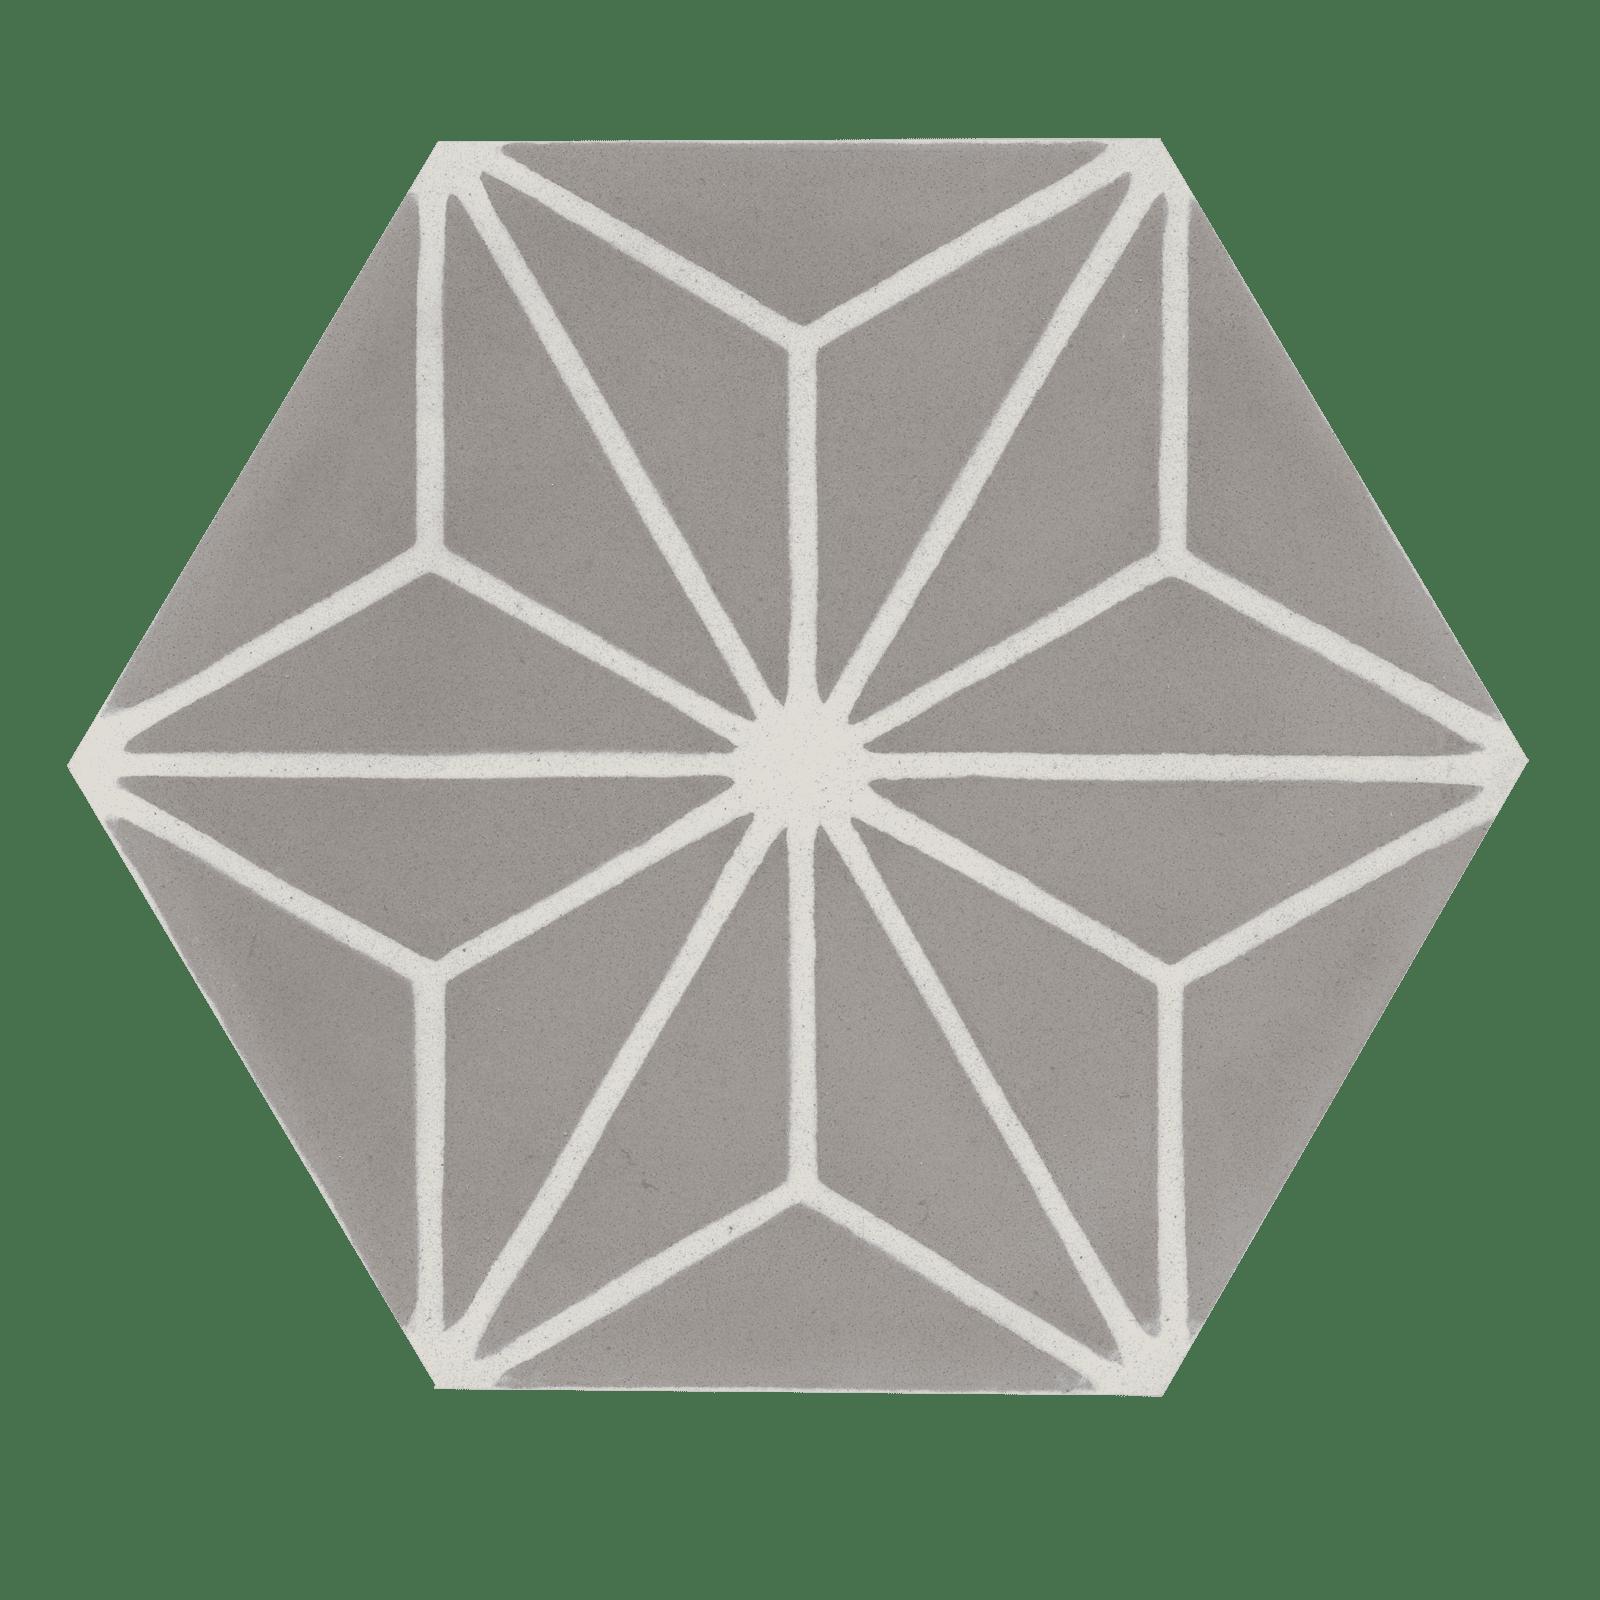 zementmosaikfliesen-nummer-600652-viaplatten | 600652